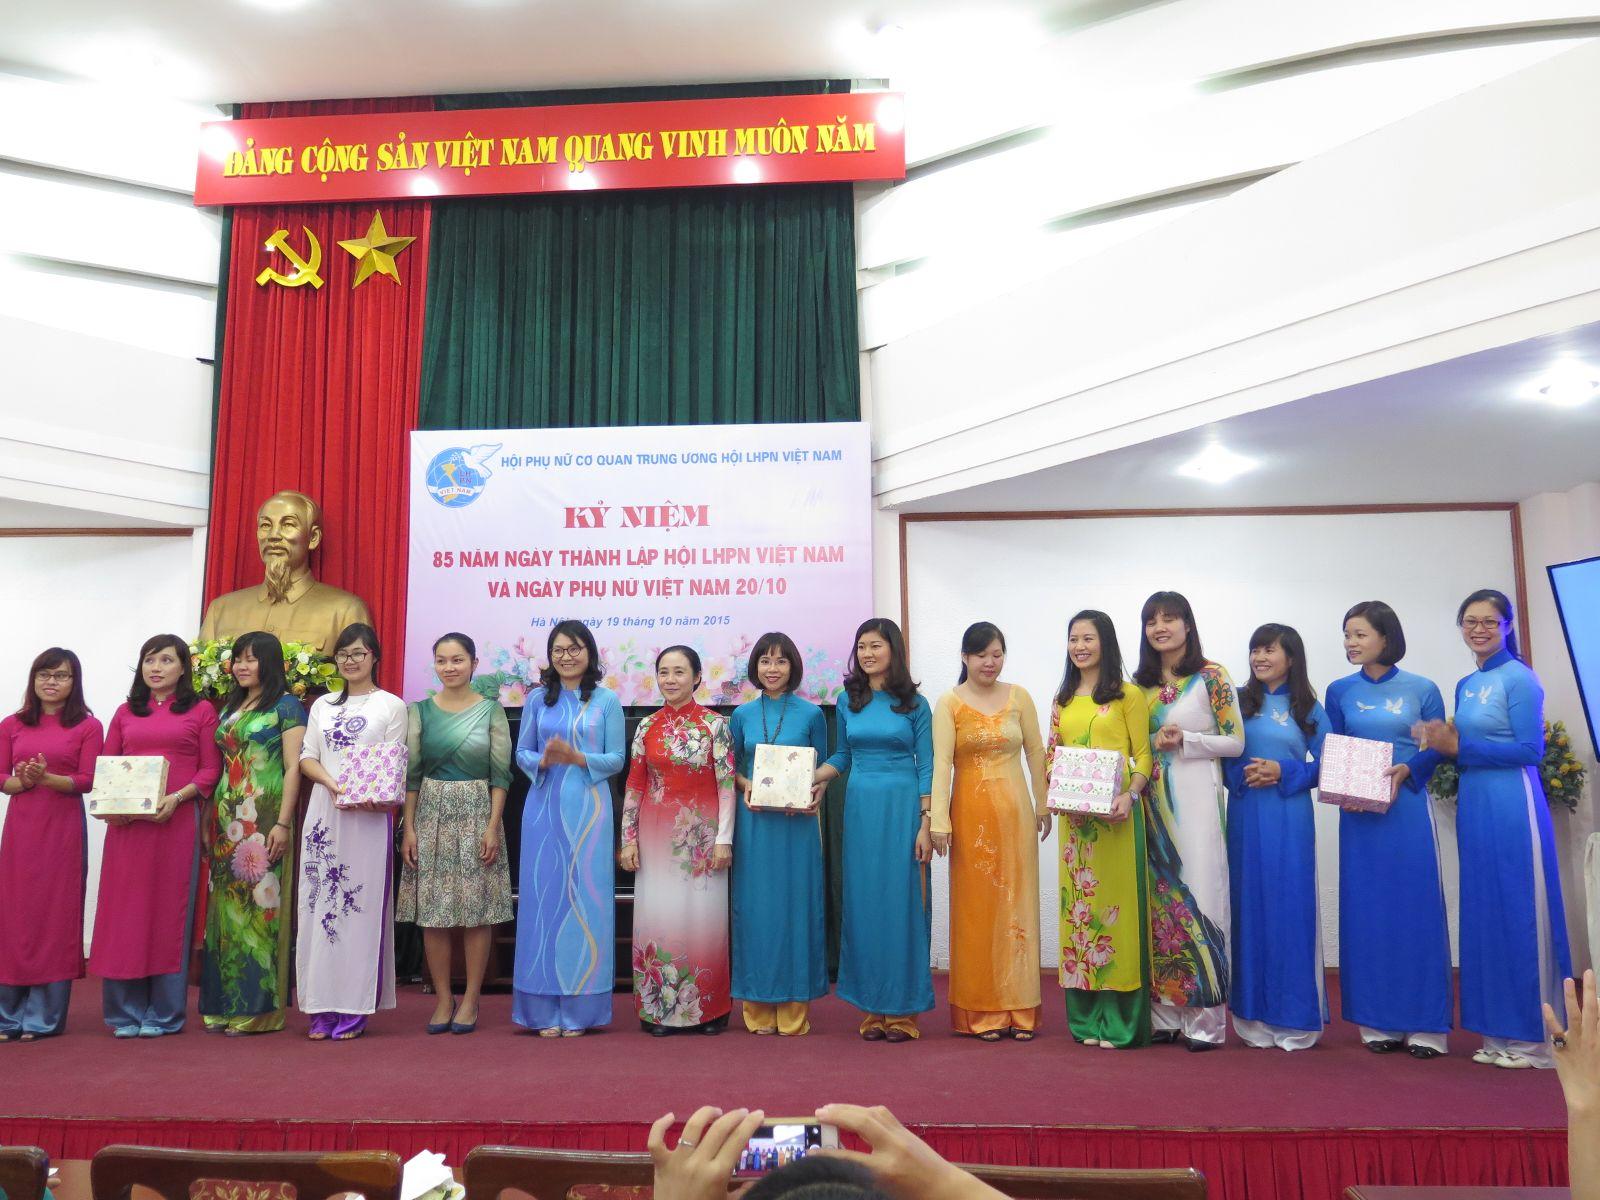 Học viện Phụ nữ Việt Nam tham dự hội thi nhân kỉ niệm 85 năm ngày thành lập Hội LHPN Việt Nam